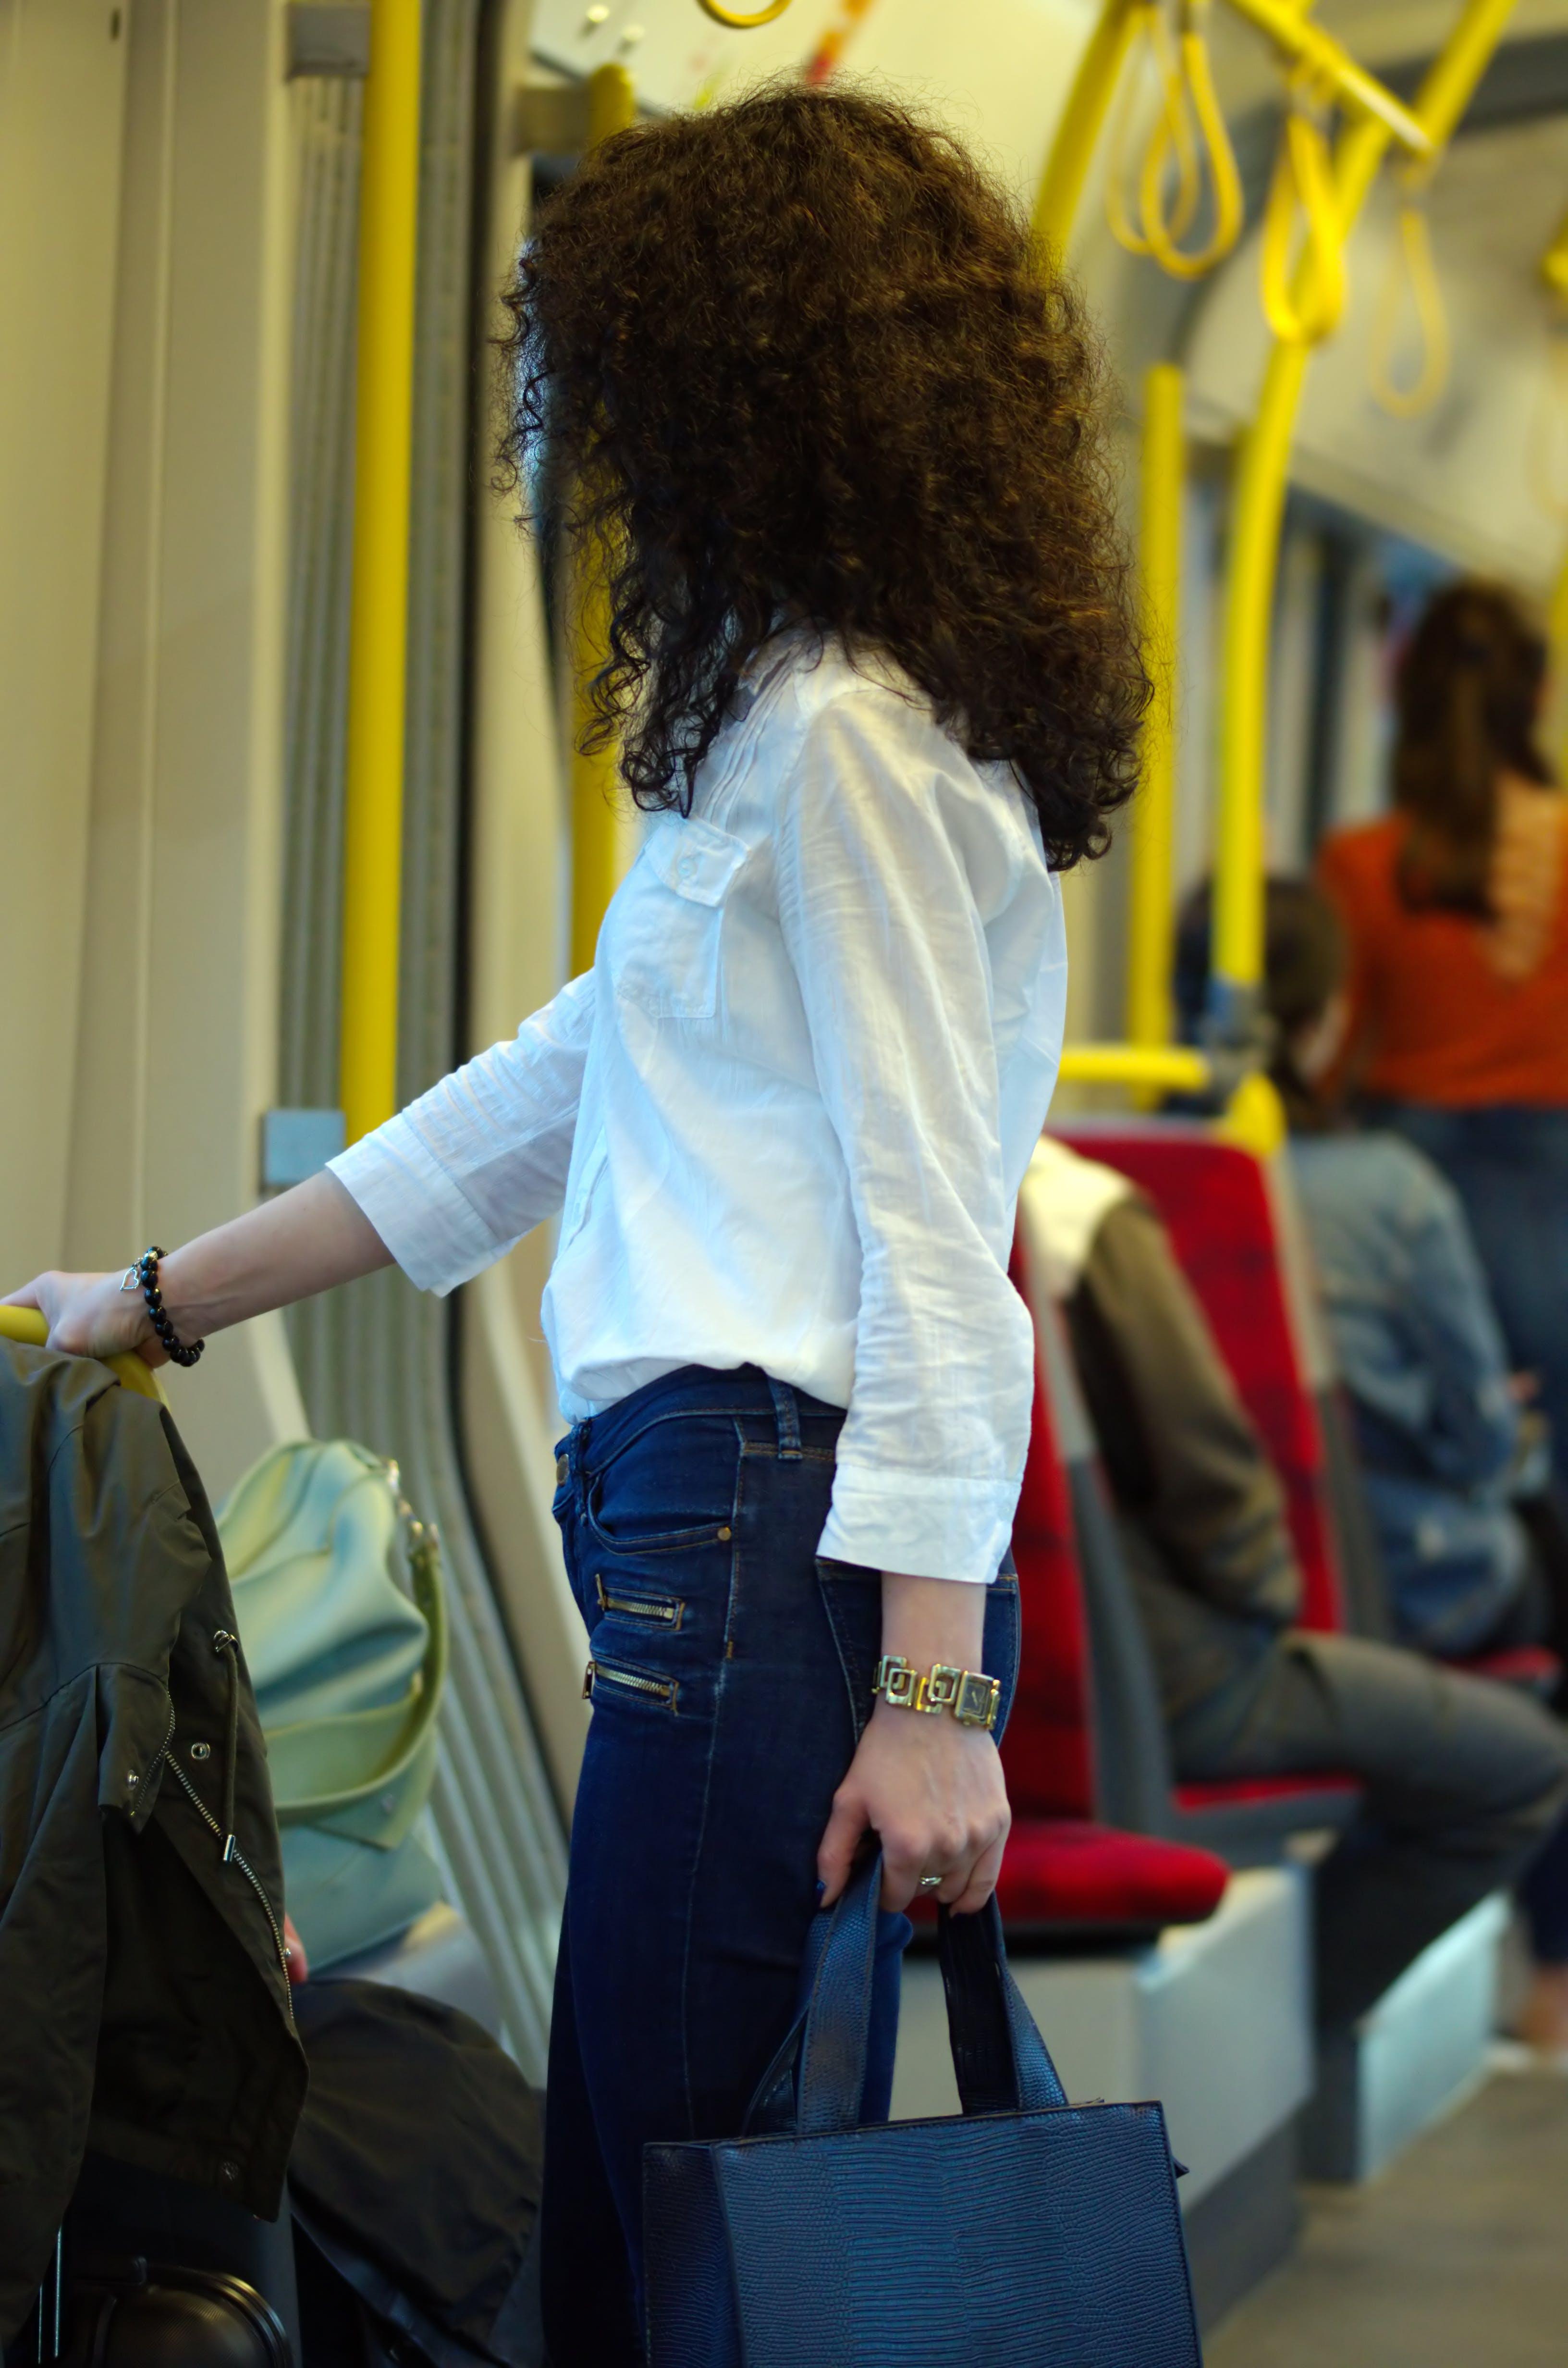 곱슬머리, 긴 머리, 사람, 섹시한의 무료 스톡 사진